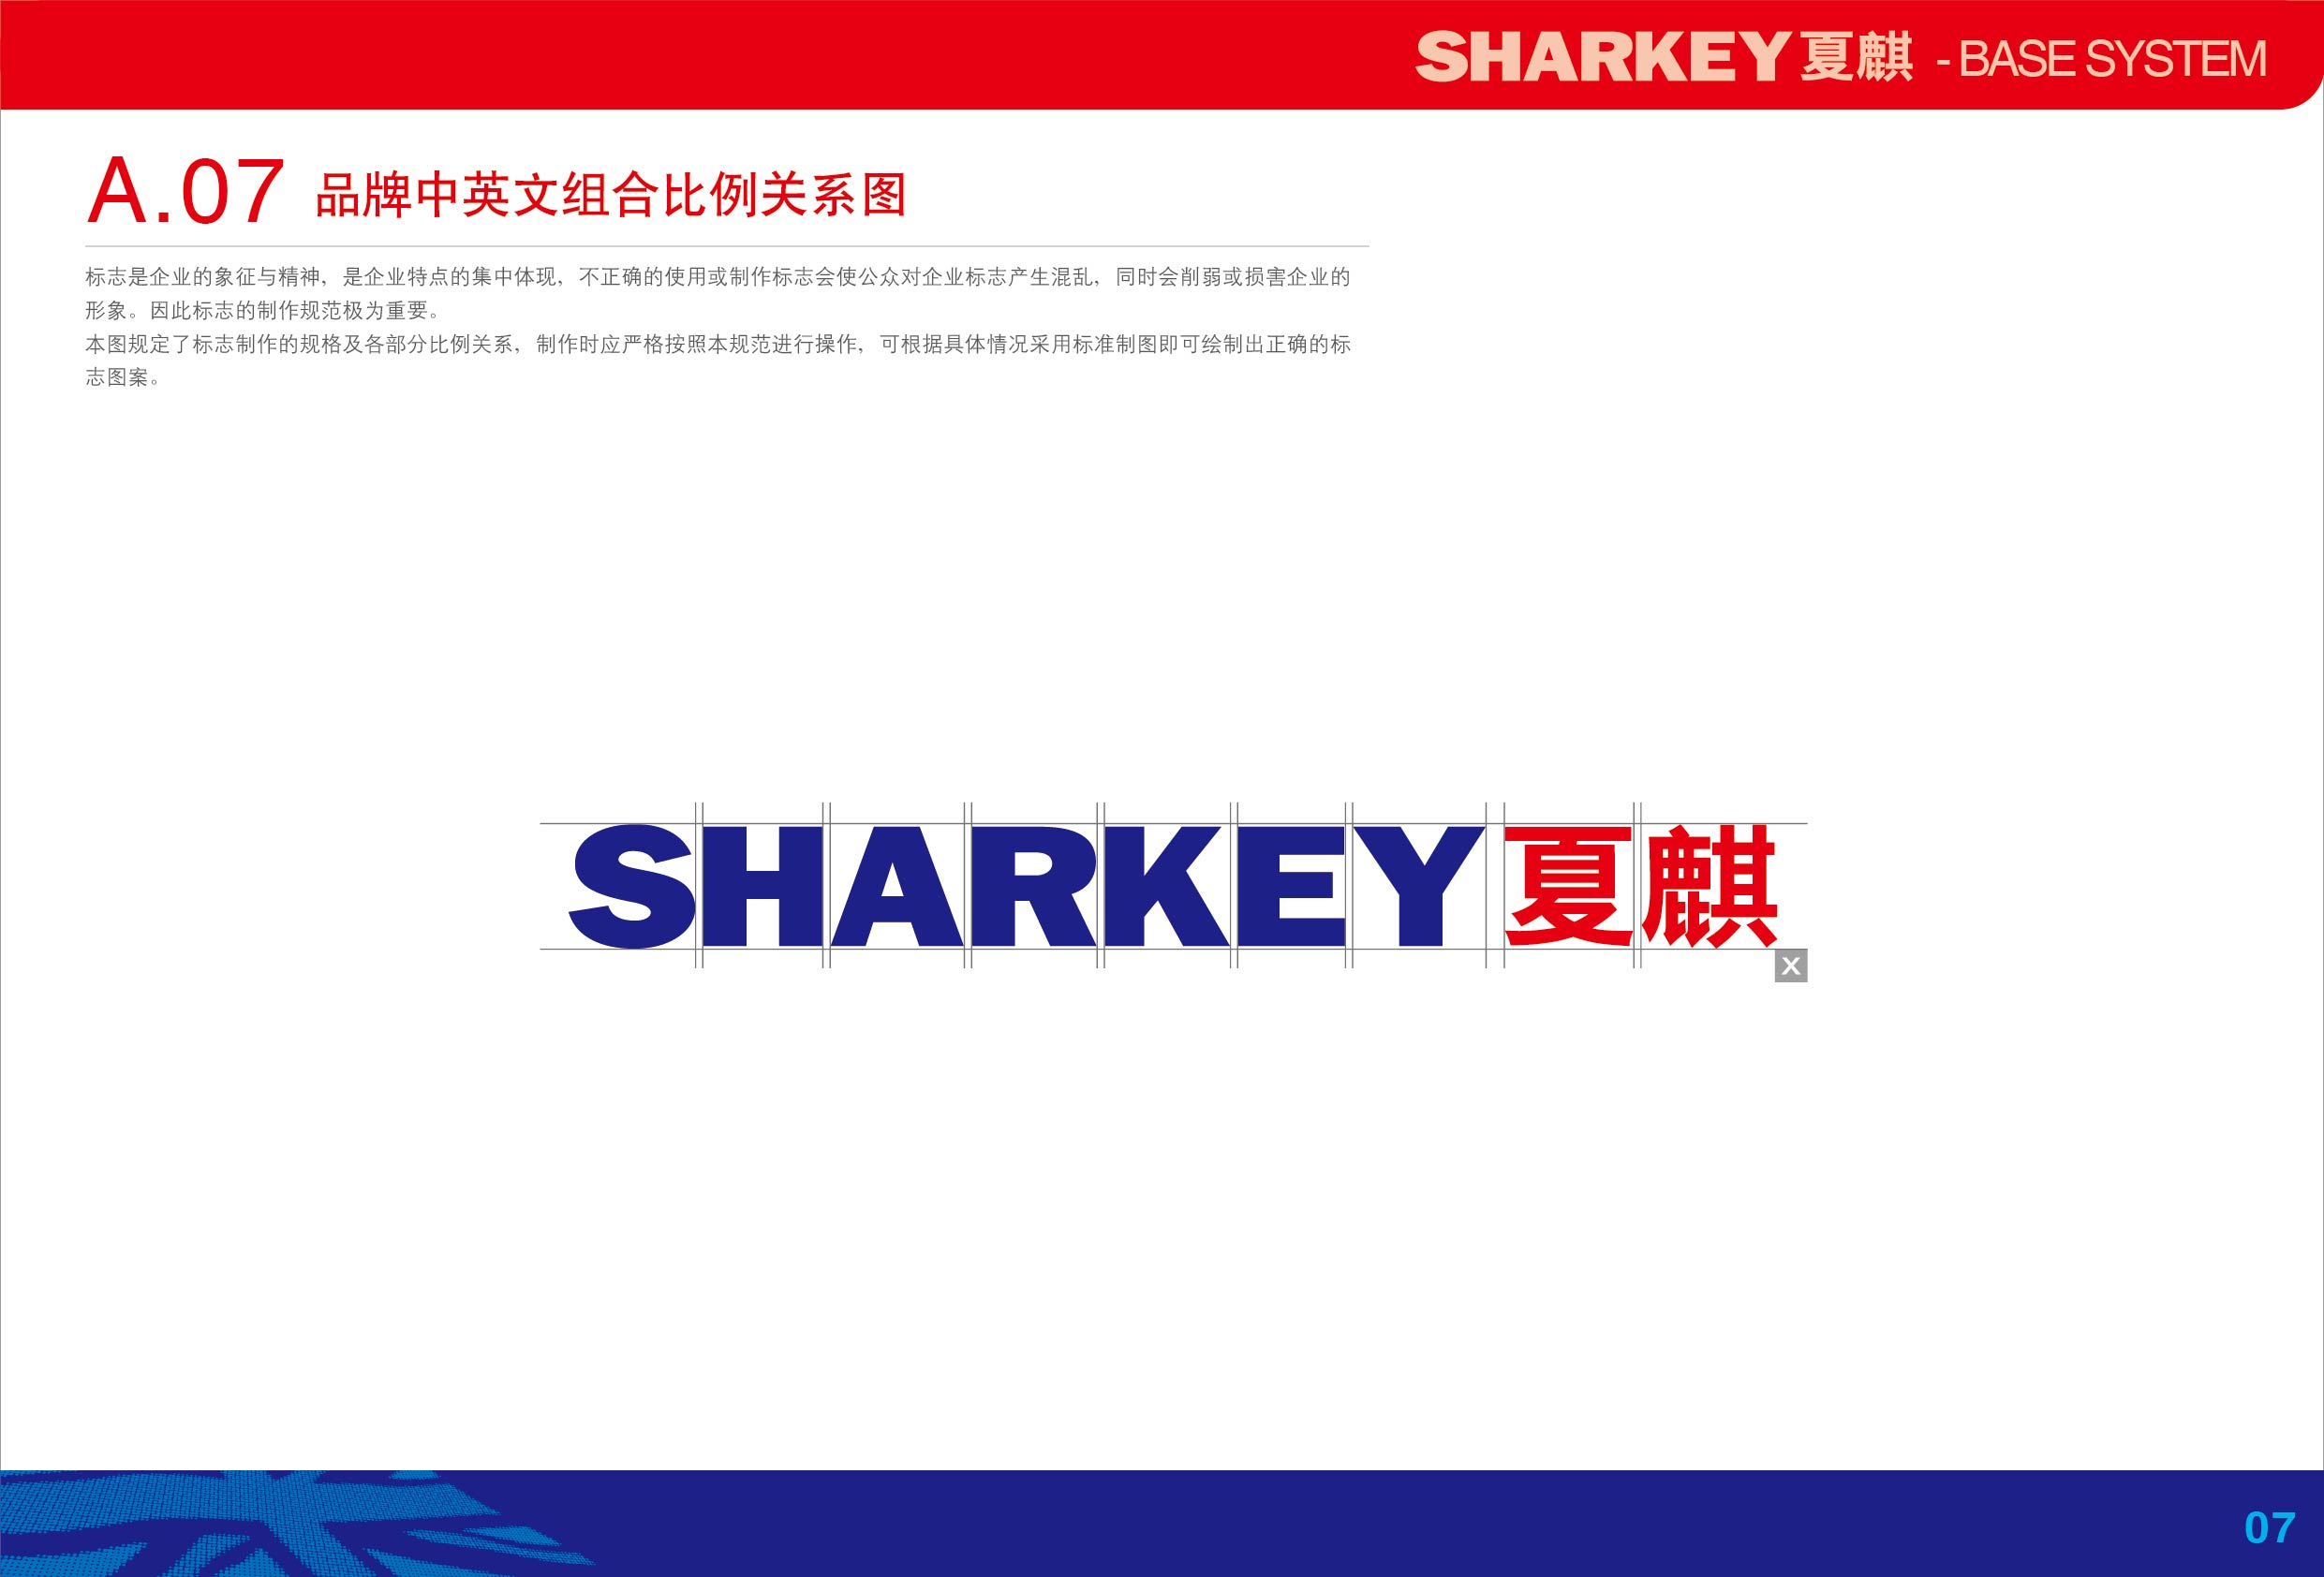 A夏麒logo-基础系统.aiA-08